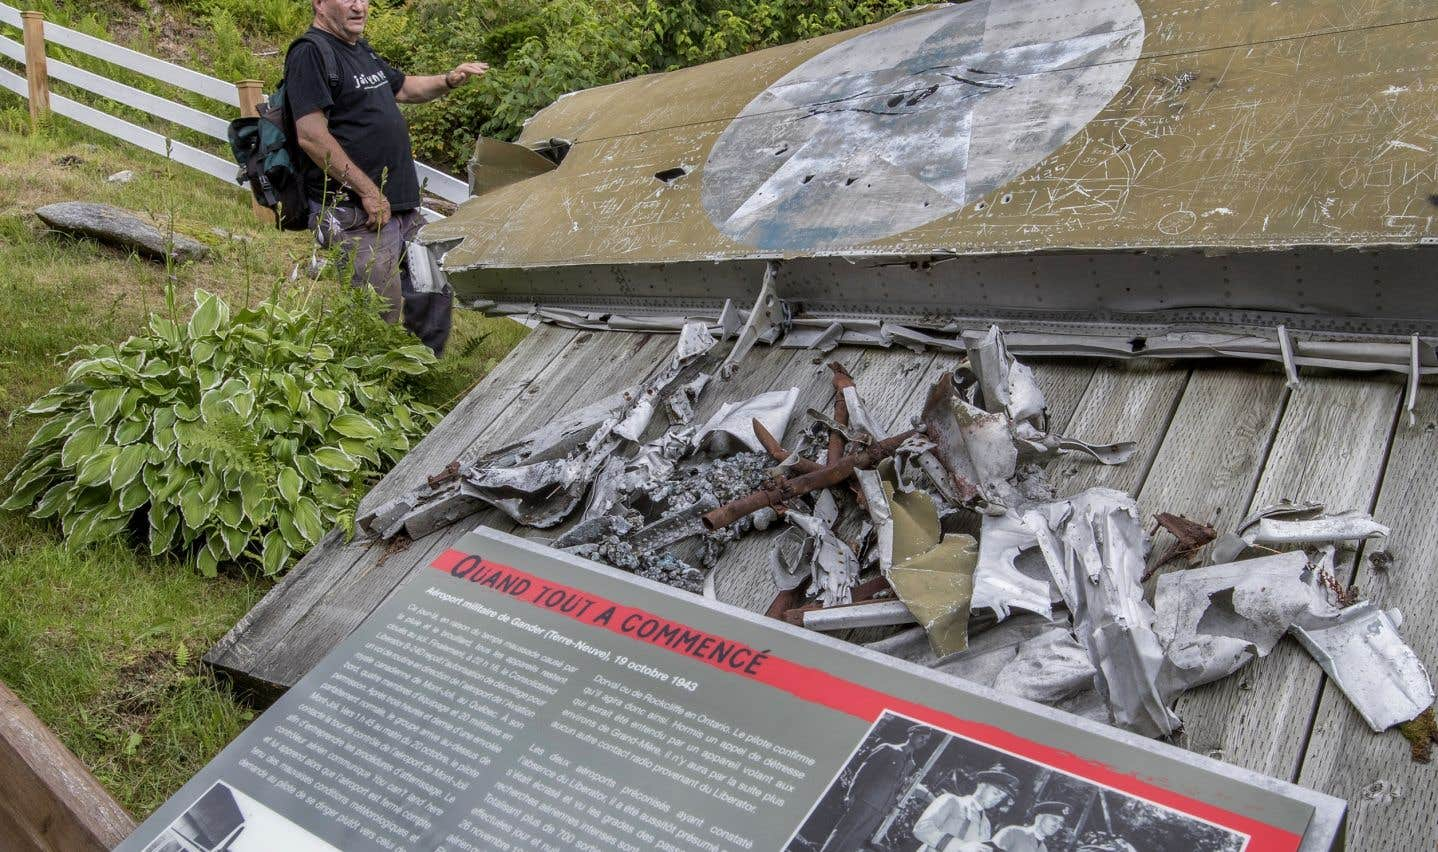 Les visiteurs qui se rendent au sommet de la montagne Noire peuvent en apprendre plus sur l'histoire de l'écrasement du Liberator.